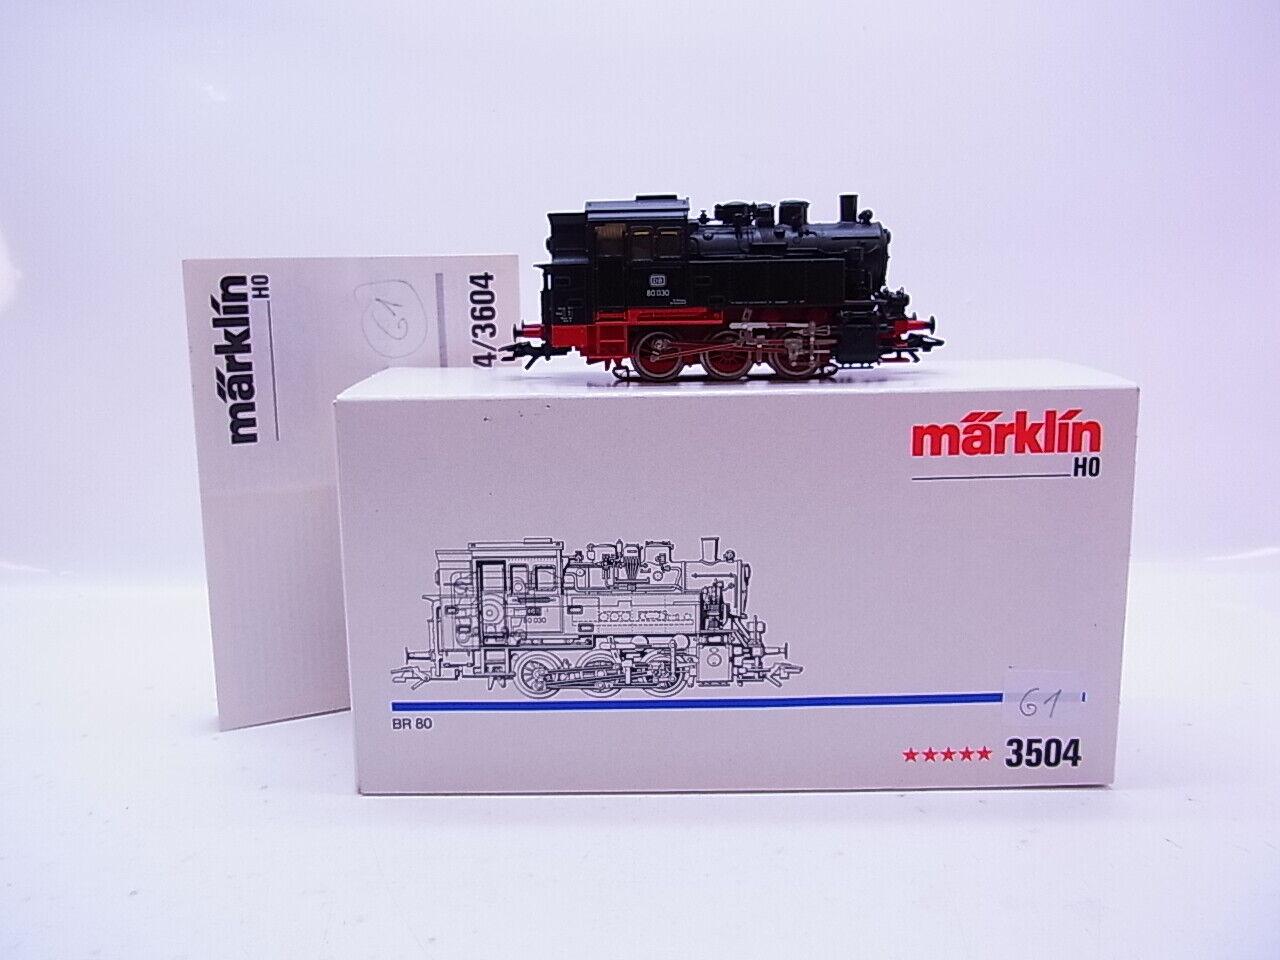 Lot 61273   marklin h0 3504 Tenderlok BR 80 delle DB 5 stelle di propulsione in scatola originale